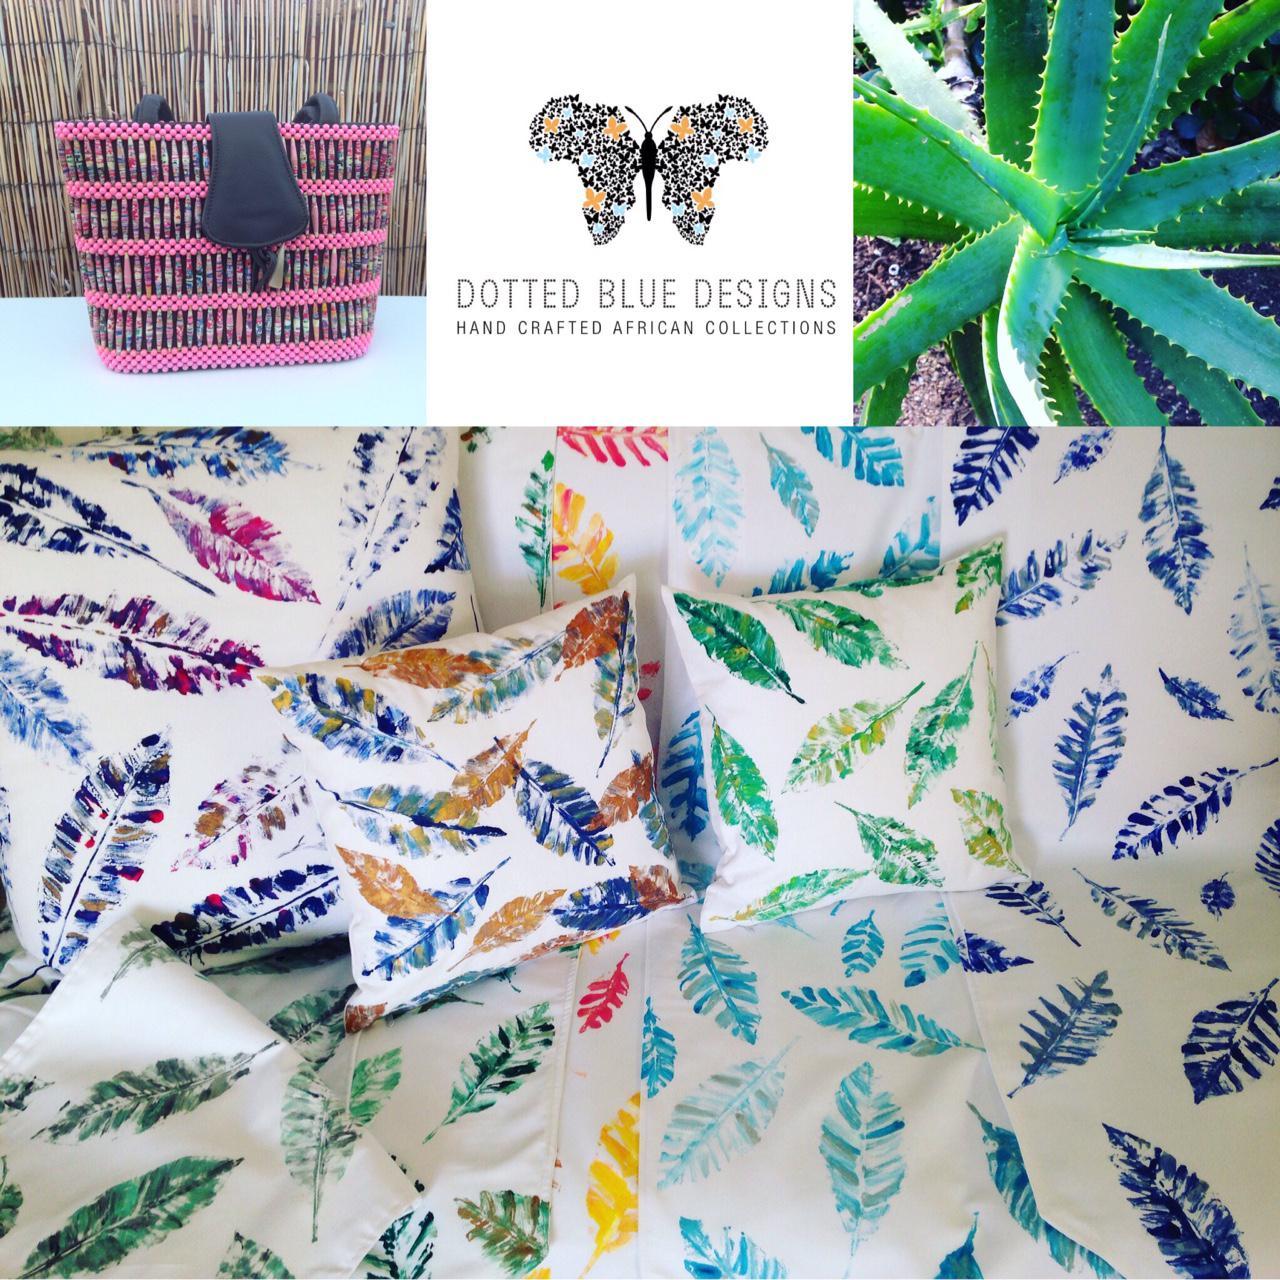 Table Decor & Home Decor - Handpainted Textile Designs